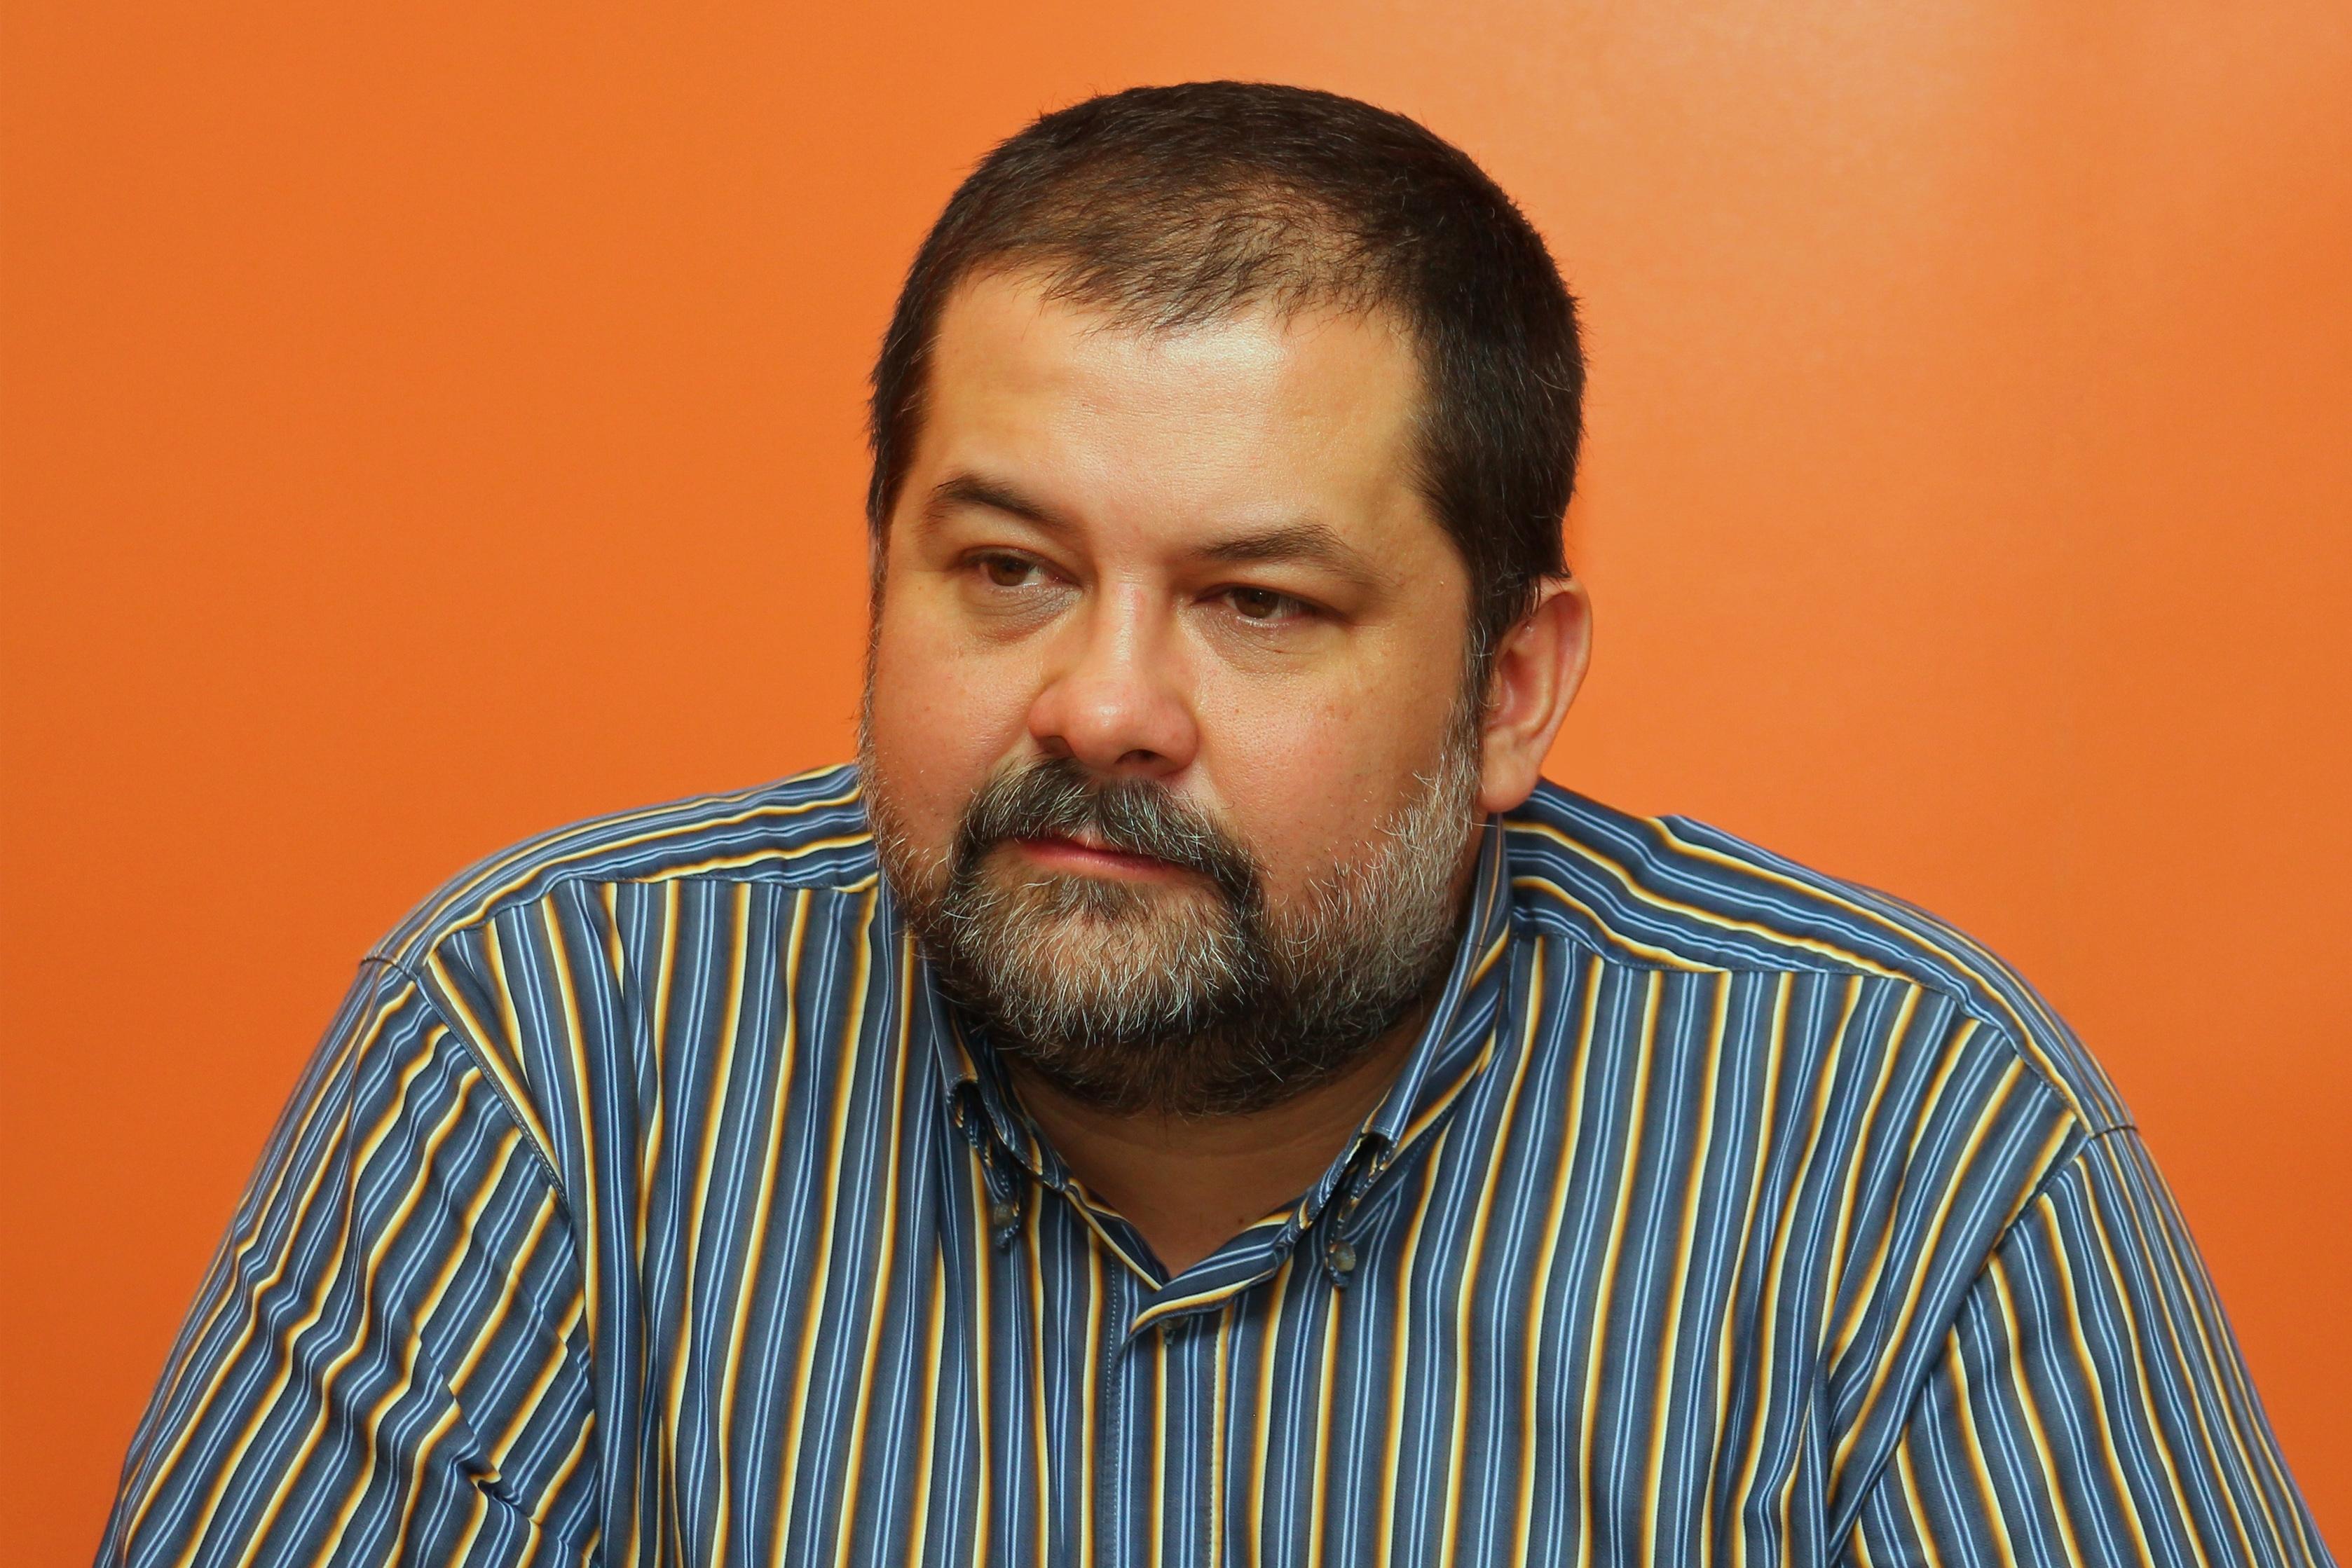 Карантин поможет Лукьяненко дописать новую книгу в рекордные сроки